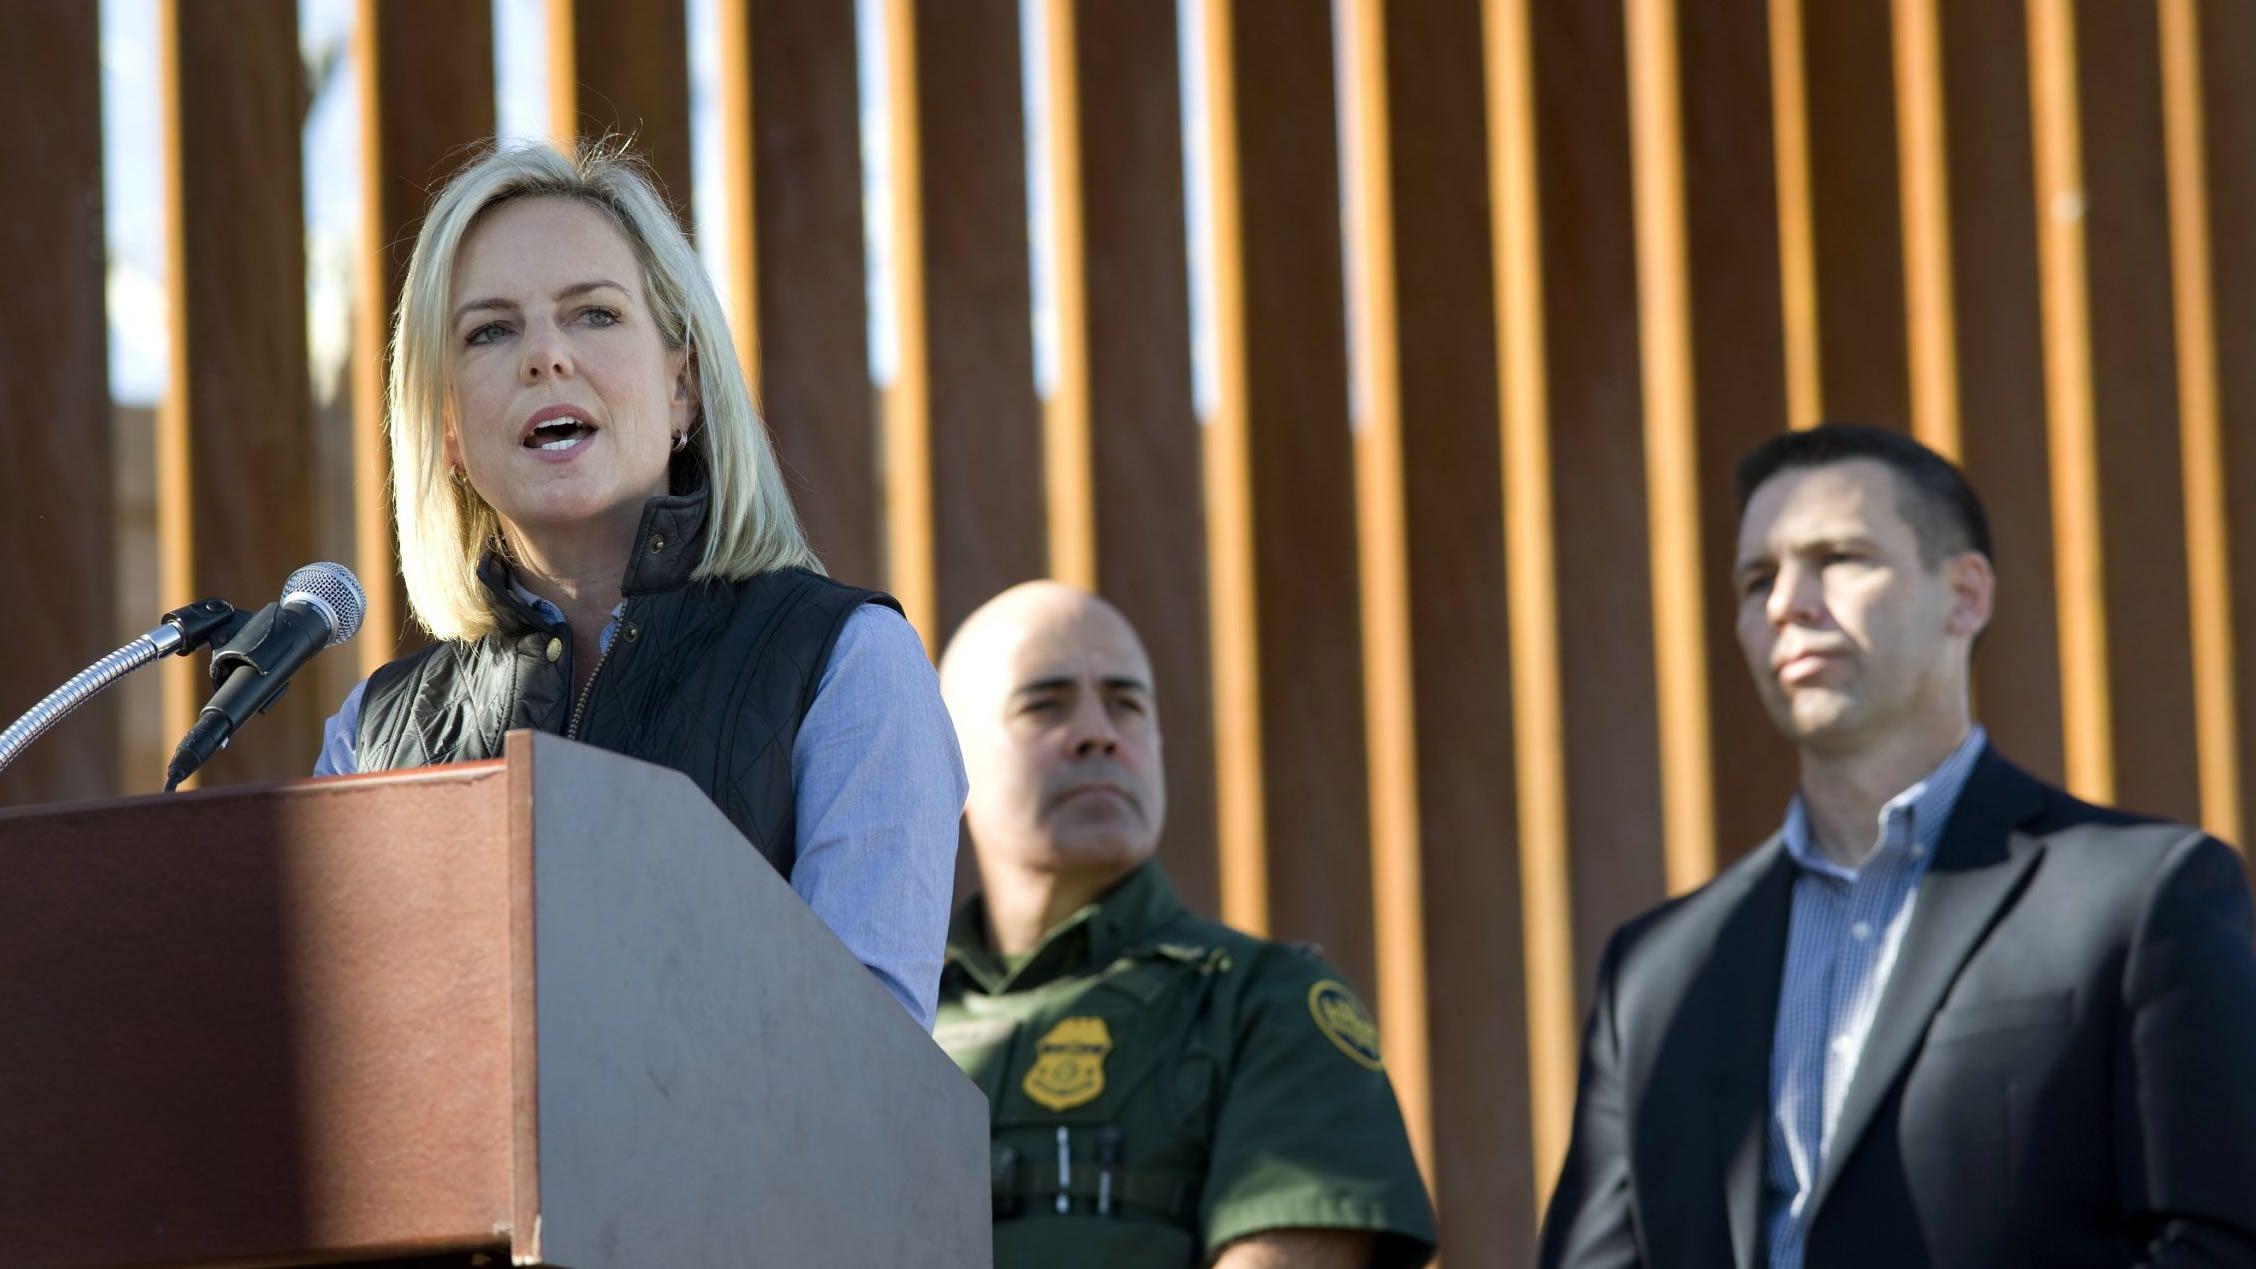 Nielsen no es suficientemente dura con la inmigración, según el presidente